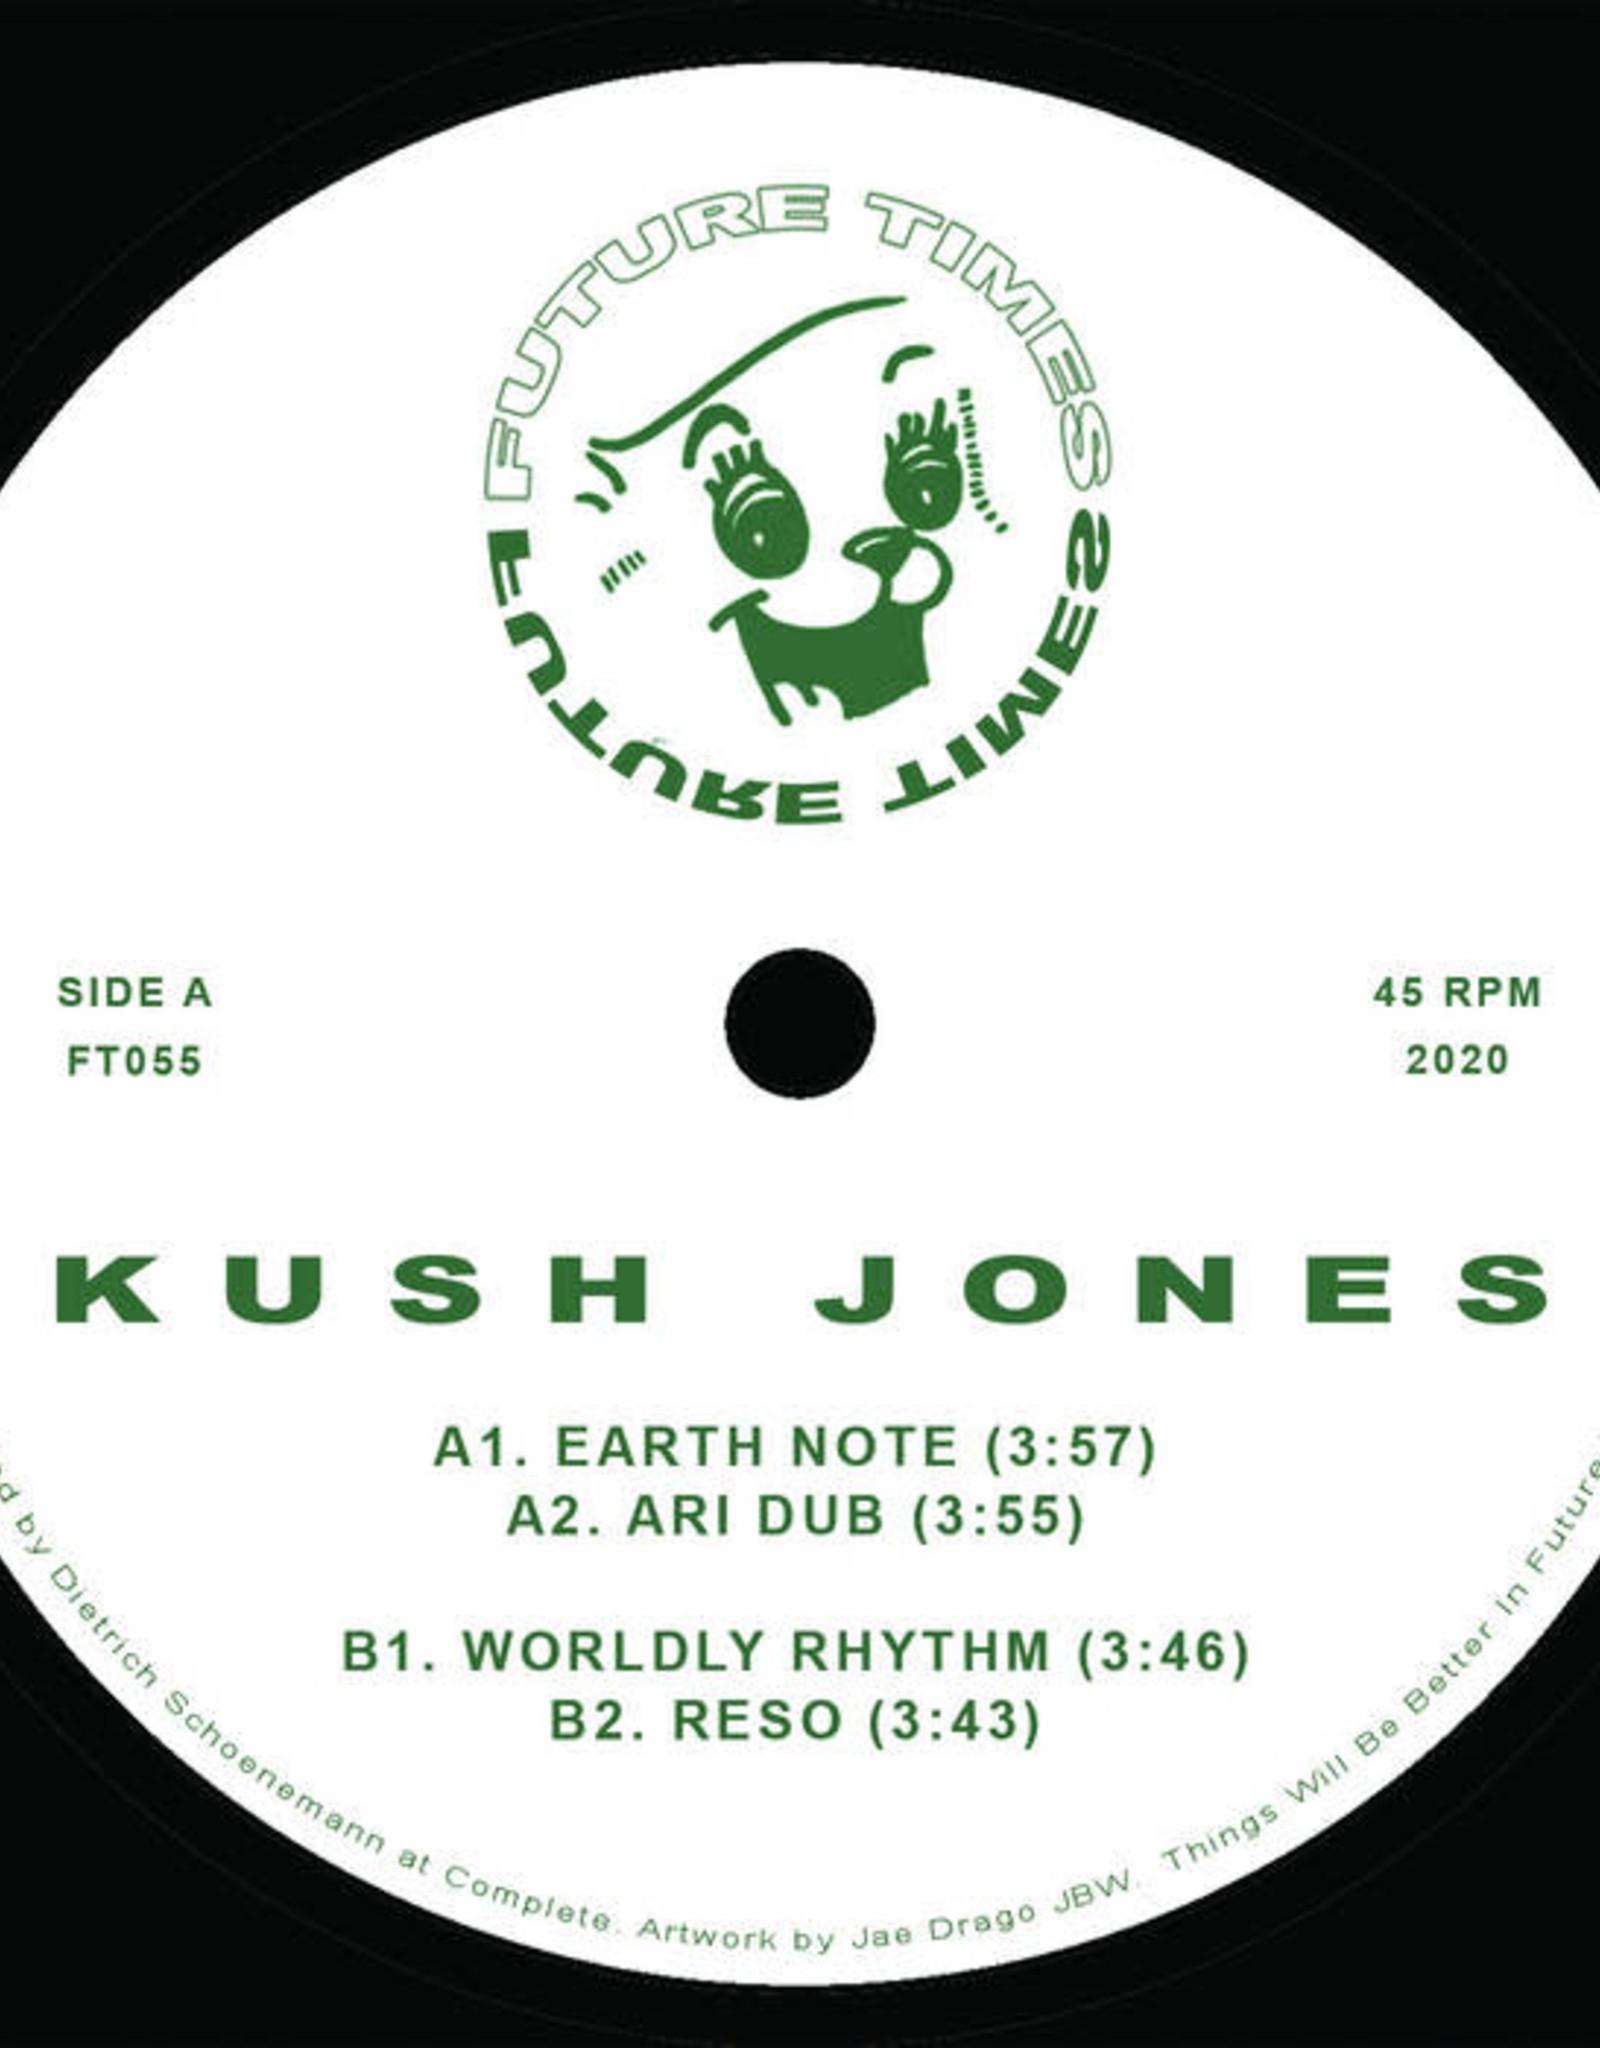 Kush Jones - EP (FT055)